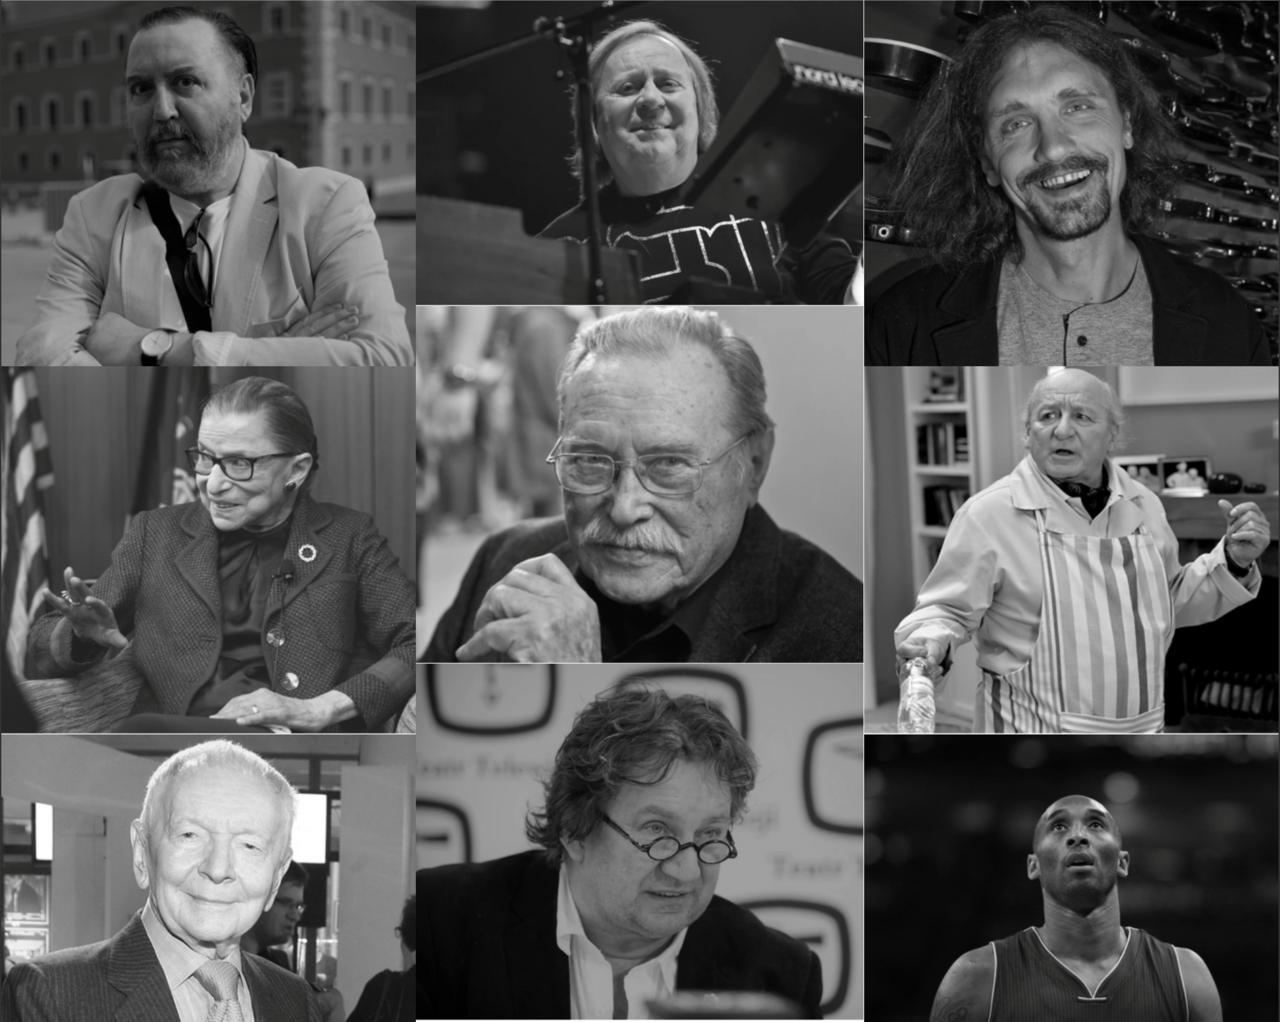 Aktorzy, muzycy, sportowcy. Wspominamy tych, którzy odeszli w ciągu minionego roku